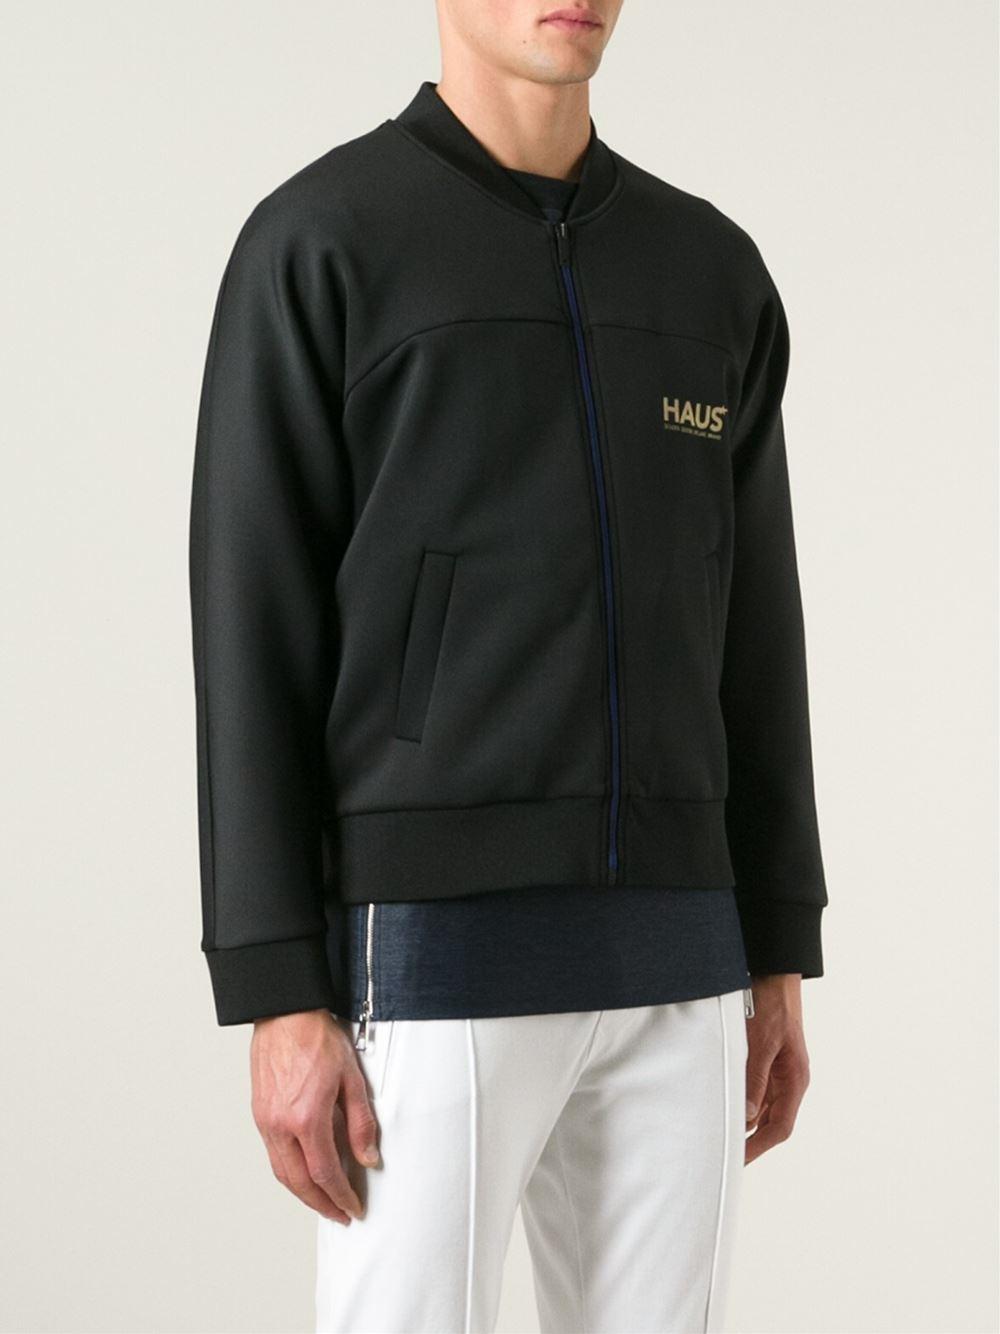 Golden Goose Deluxe Brand Haus X Ggdb Bomber Jacket in Black for Men